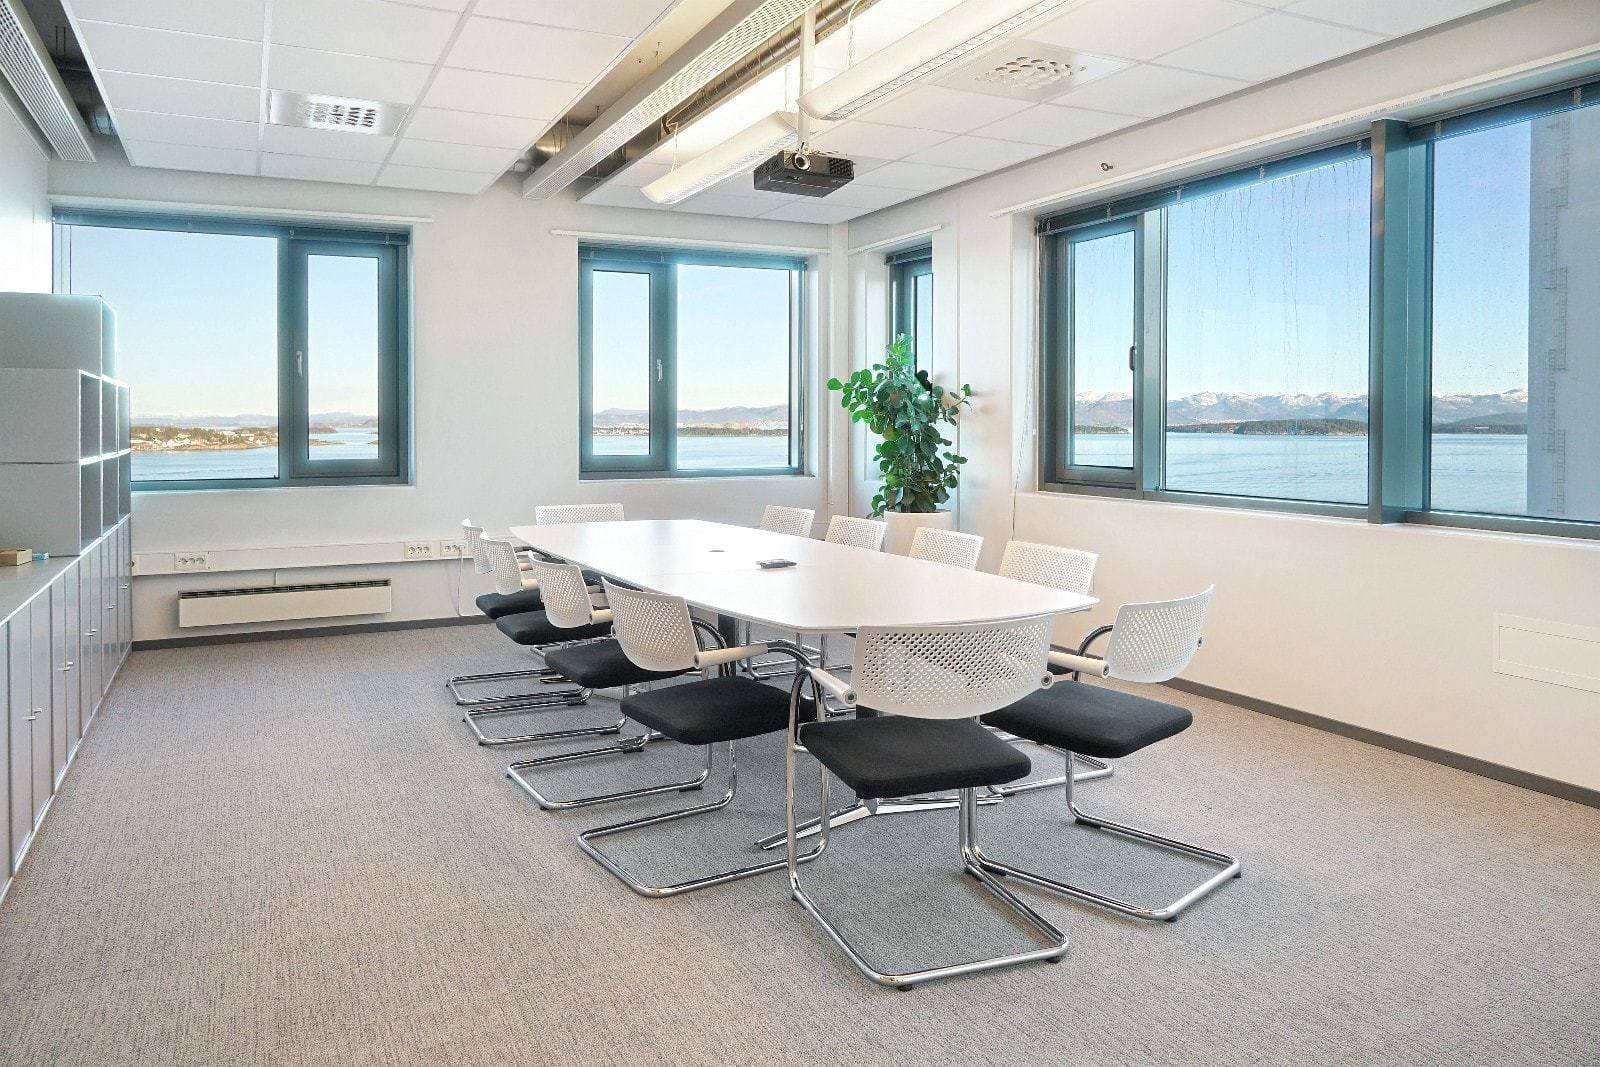 Kontor med opptil 4 arbeidsplasser på 73,4 m2